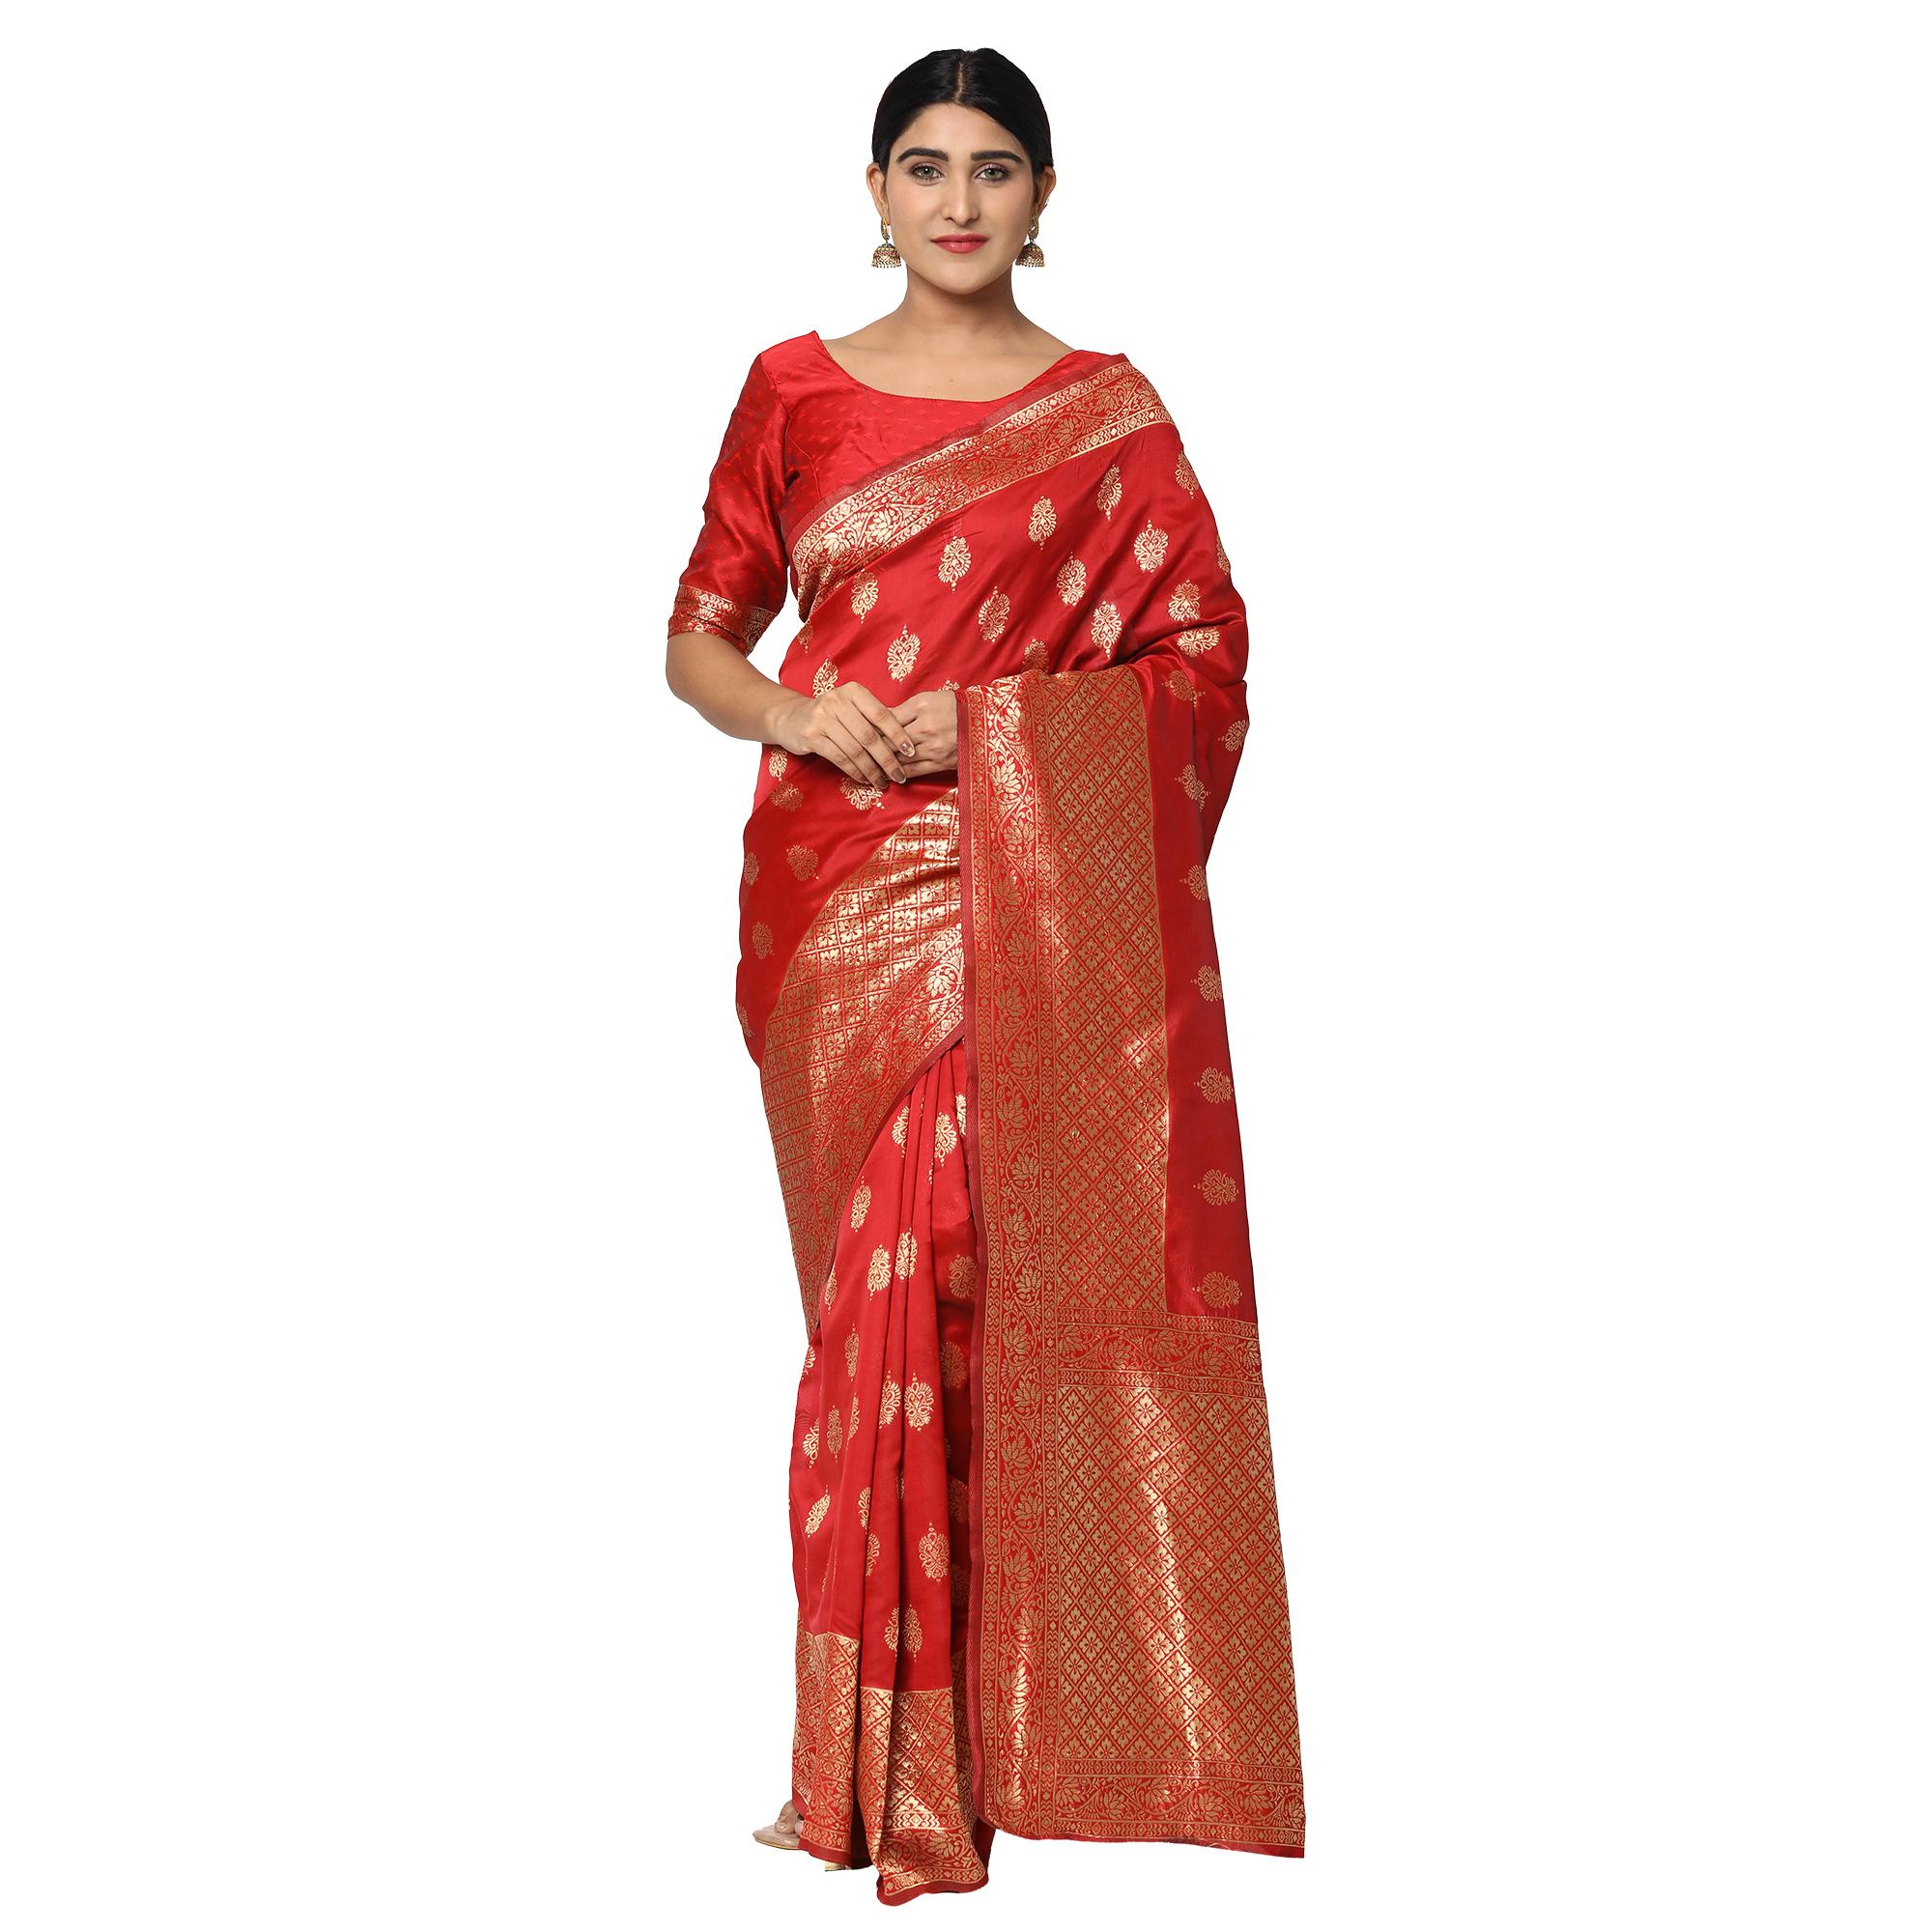 Glemora Red Designer Ethnic Wear Silk Blend Banarasi Traditional Saree